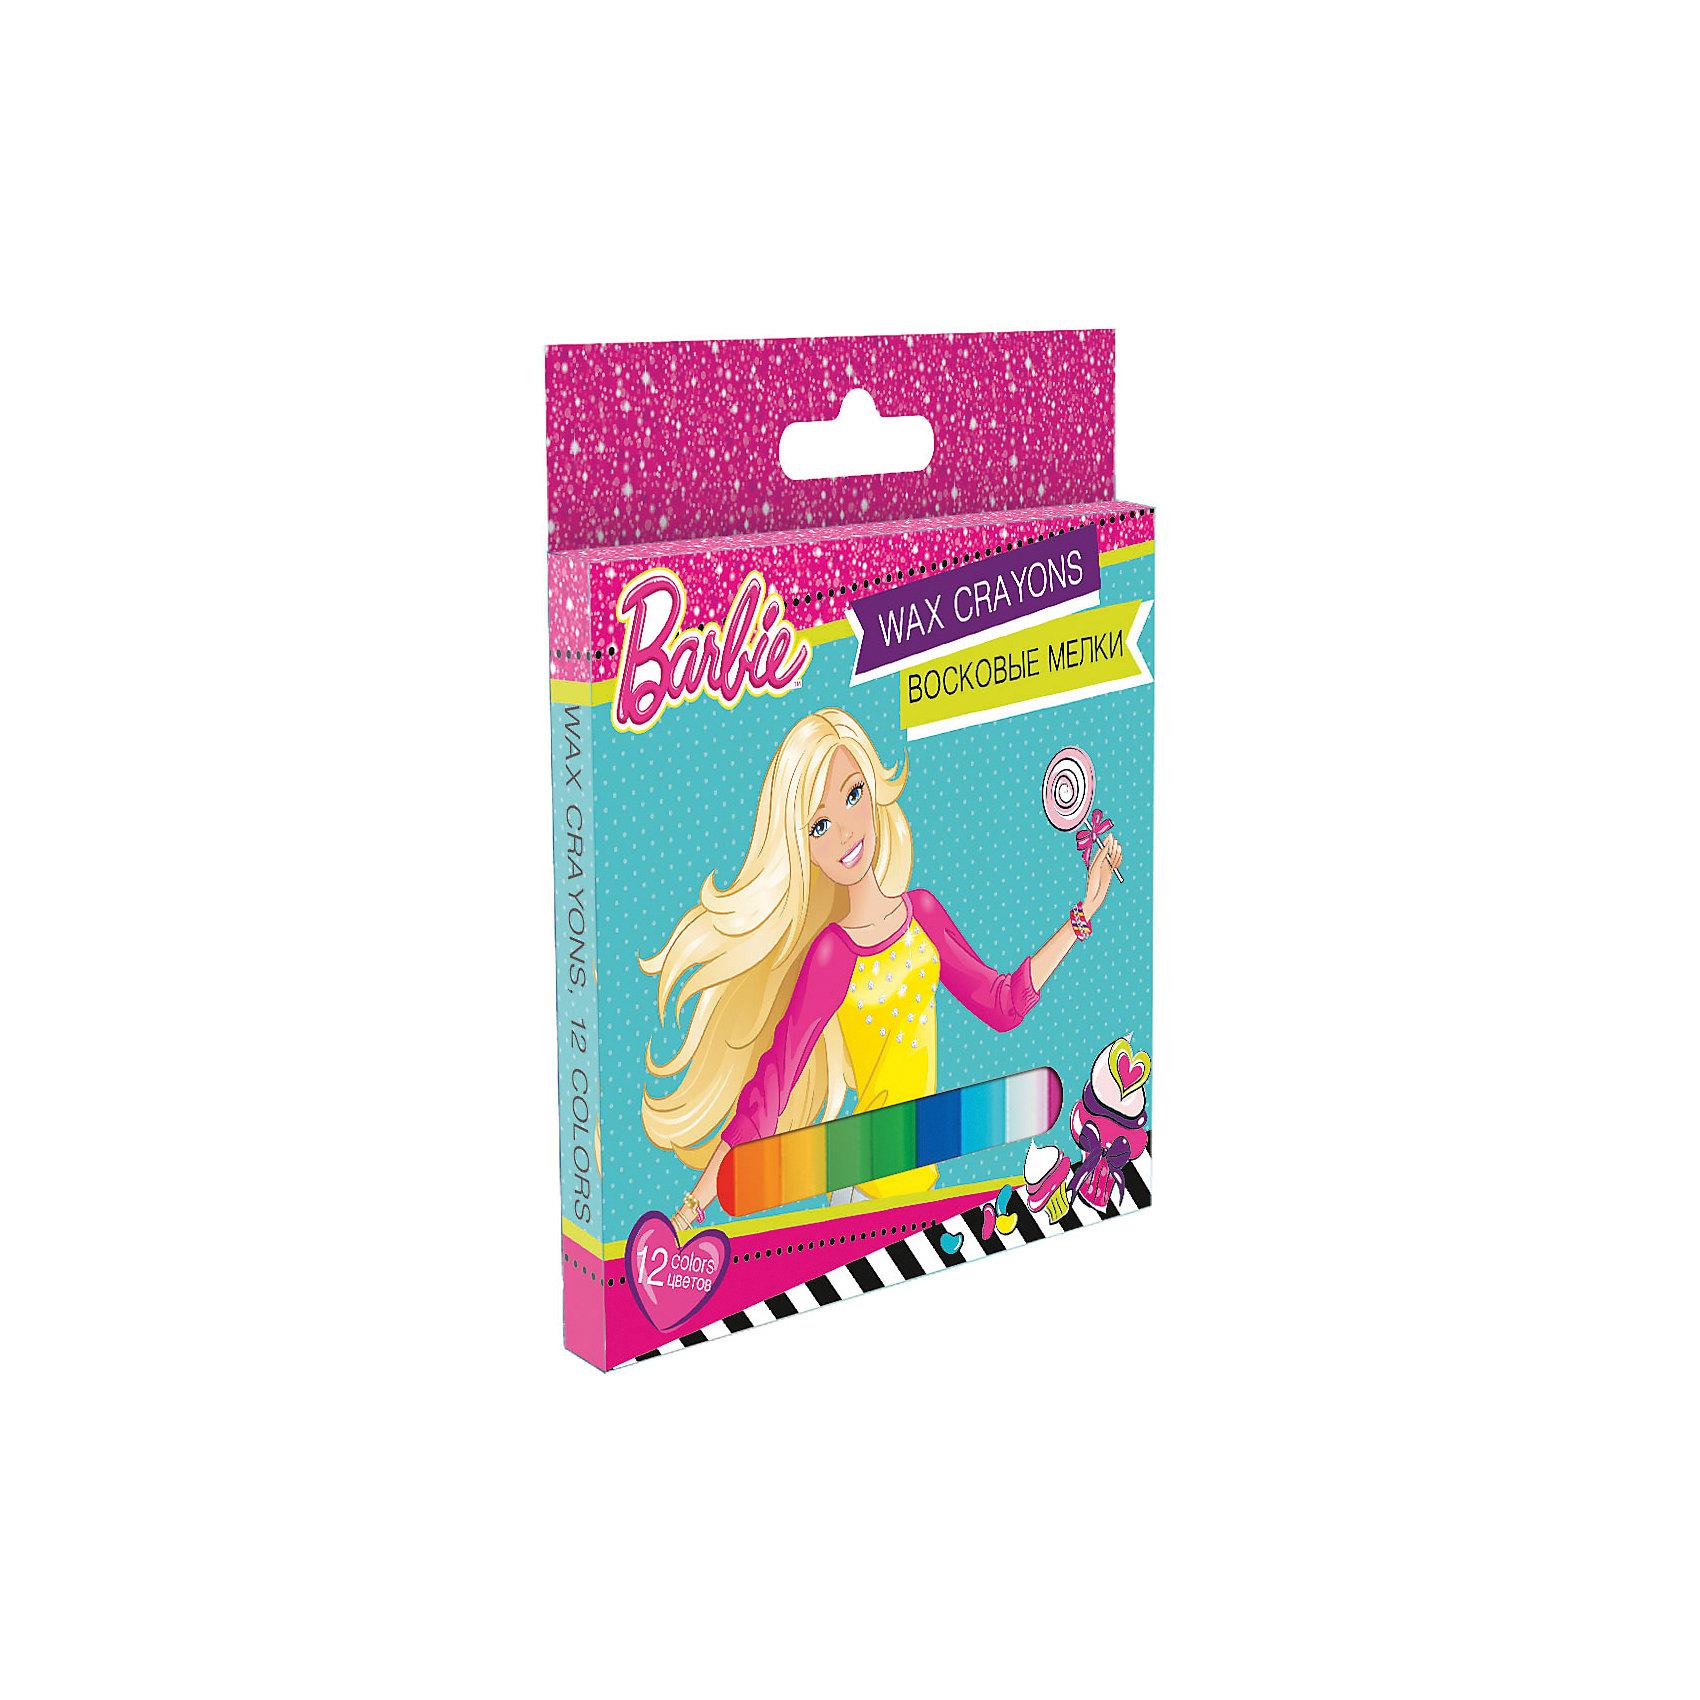 Восковые мелки, 12 цветов, BarbieBarbie<br>Восковые мелки, Barbie, замечательно подойдут для рисования на бумаге и картоне. Мелки выполнены в форме карандашей и очень удобны в использовании. Благодаря своей мягкости, они прекрасно рисуют и обладают насыщенными цветами, что помогает создавать яркие картинки. Все мелки покрыты специальной оберткой, чтобы ребенок не испачкался во время рисования. В комплекте 12 разноцветных восковых мелков, упакованных в картонную розовую коробочку с изображением красавицы Барби. <br><br><br>Дополнительная информация:<br><br>- В комплекте: 12 штук.<br>- Размер одного мелка: 10 х ? 1,1 см.<br>- Размер упаковки: 12,5 х 1 x 13 см.<br>- Вес: 0,24 кг.<br><br>Восковые мелки, 12 цветов, Barbie, можно купить в нашем интернет-магазине.<br><br>Ширина мм: 10<br>Глубина мм: 130<br>Высота мм: 120<br>Вес г: 14<br>Возраст от месяцев: 96<br>Возраст до месяцев: 108<br>Пол: Женский<br>Возраст: Детский<br>SKU: 4681127